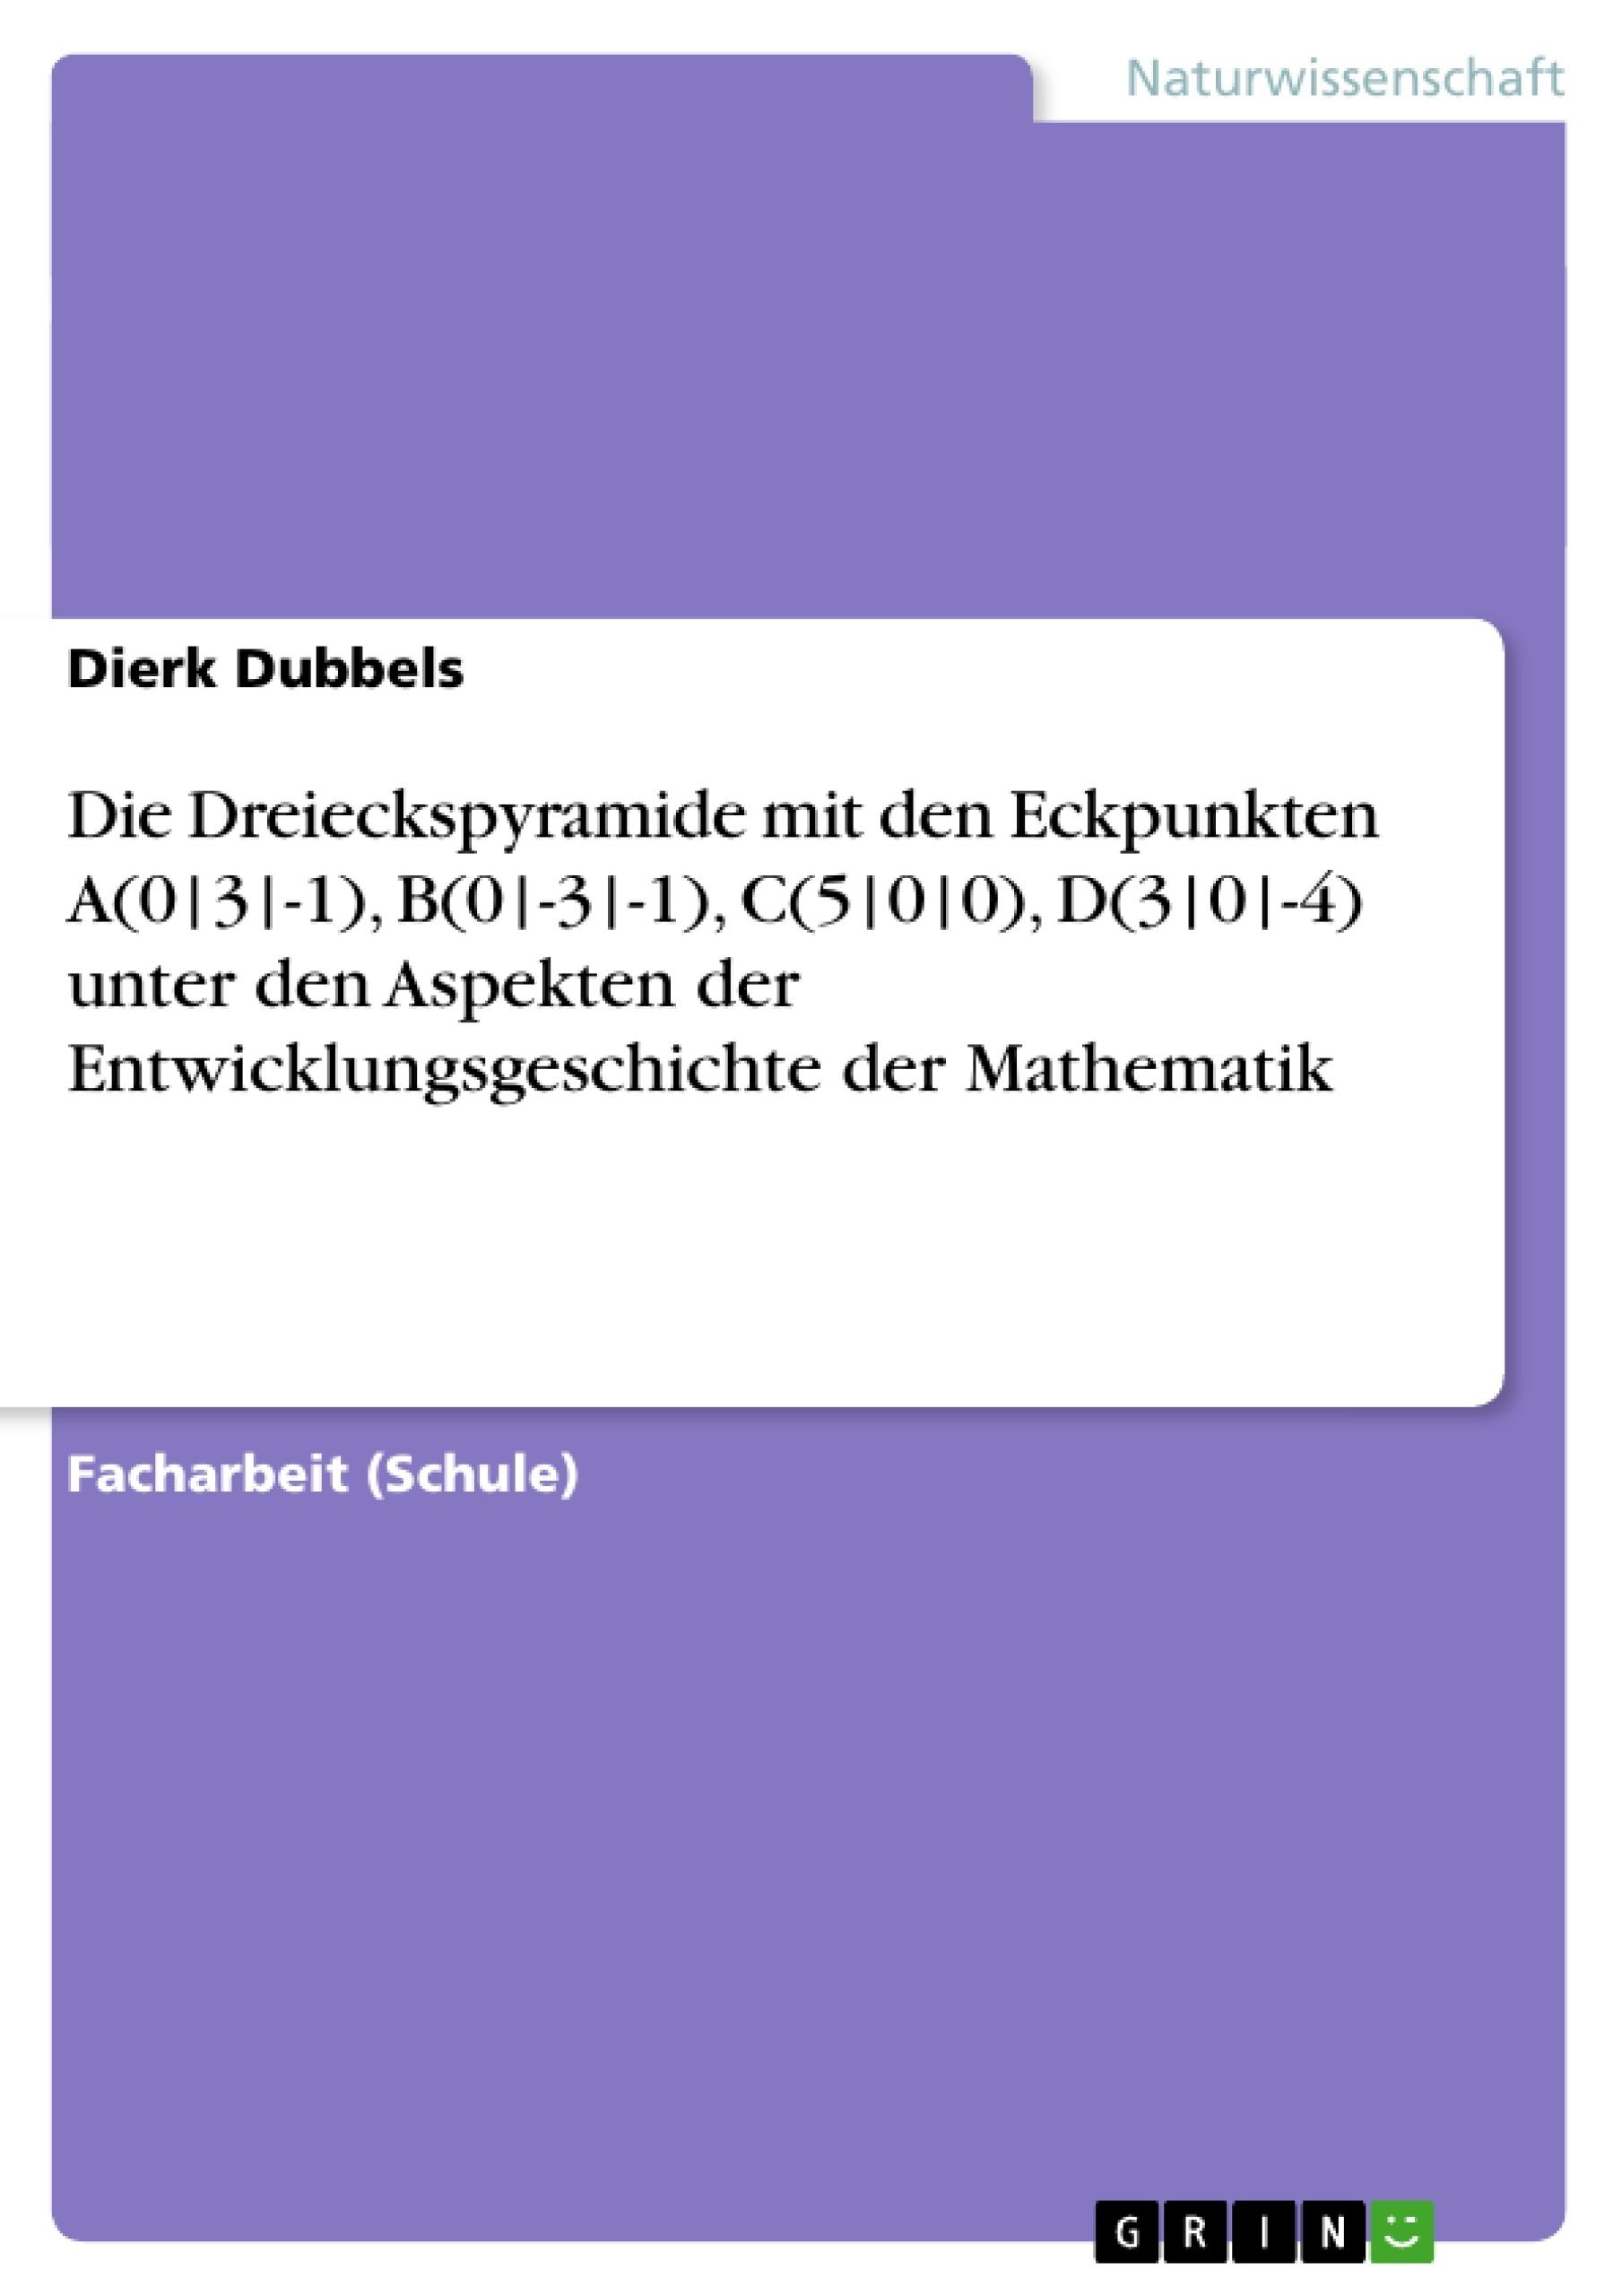 Titel: Die Dreieckspyramide mit den Eckpunkten A(0|3|-1), B(0|-3|-1), C(5|0|0), D(3|0|-4) unter den Aspekten der Entwicklungsgeschichte der Mathematik